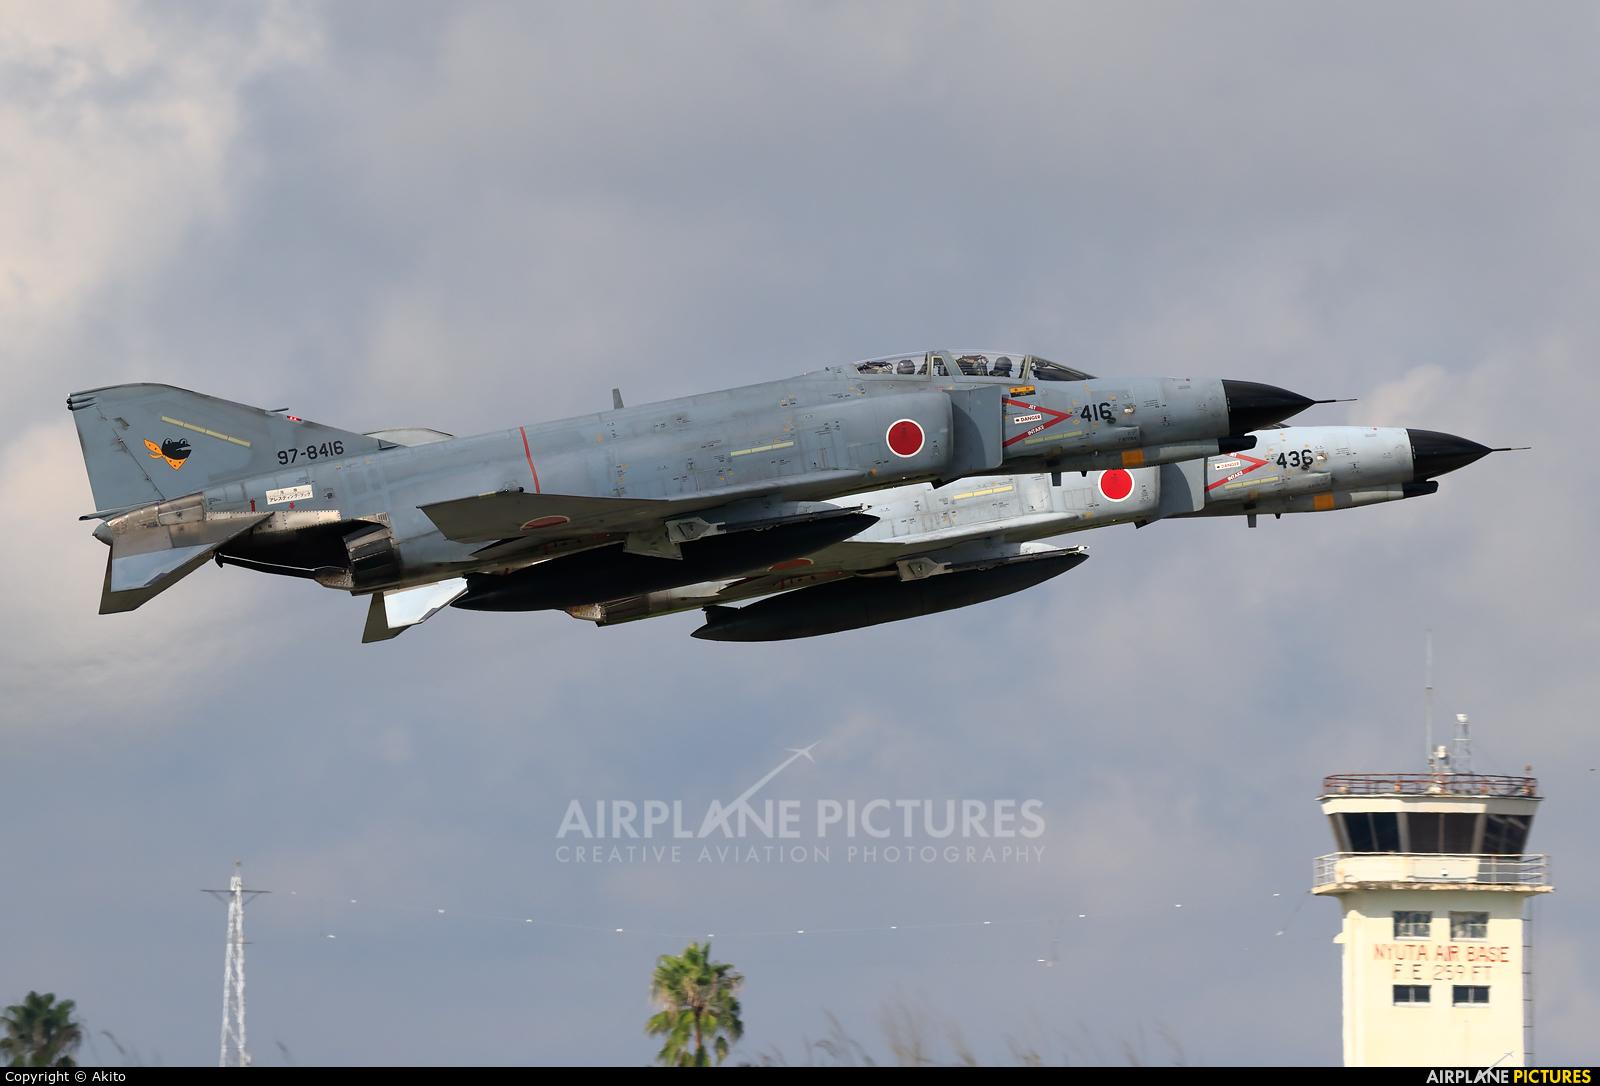 Japan - Air Self Defence Force 97-8416 aircraft at Nyutabaru AB